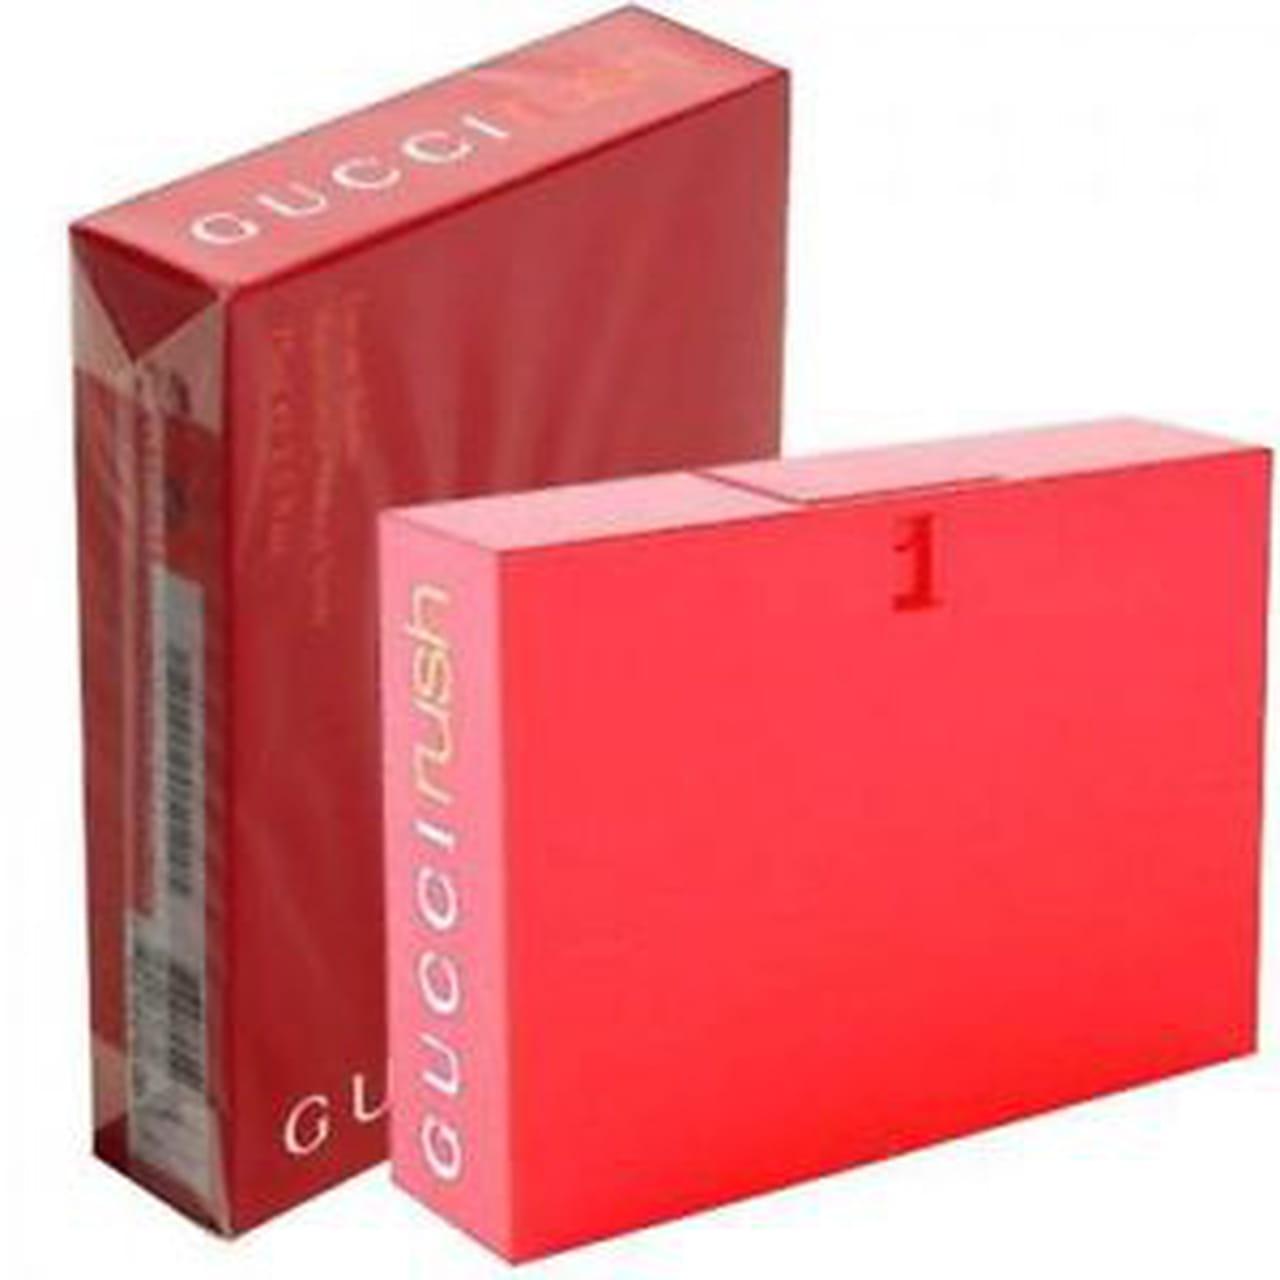 8a5cc58ed أفضل العطور من ماركة Gucci العالمية